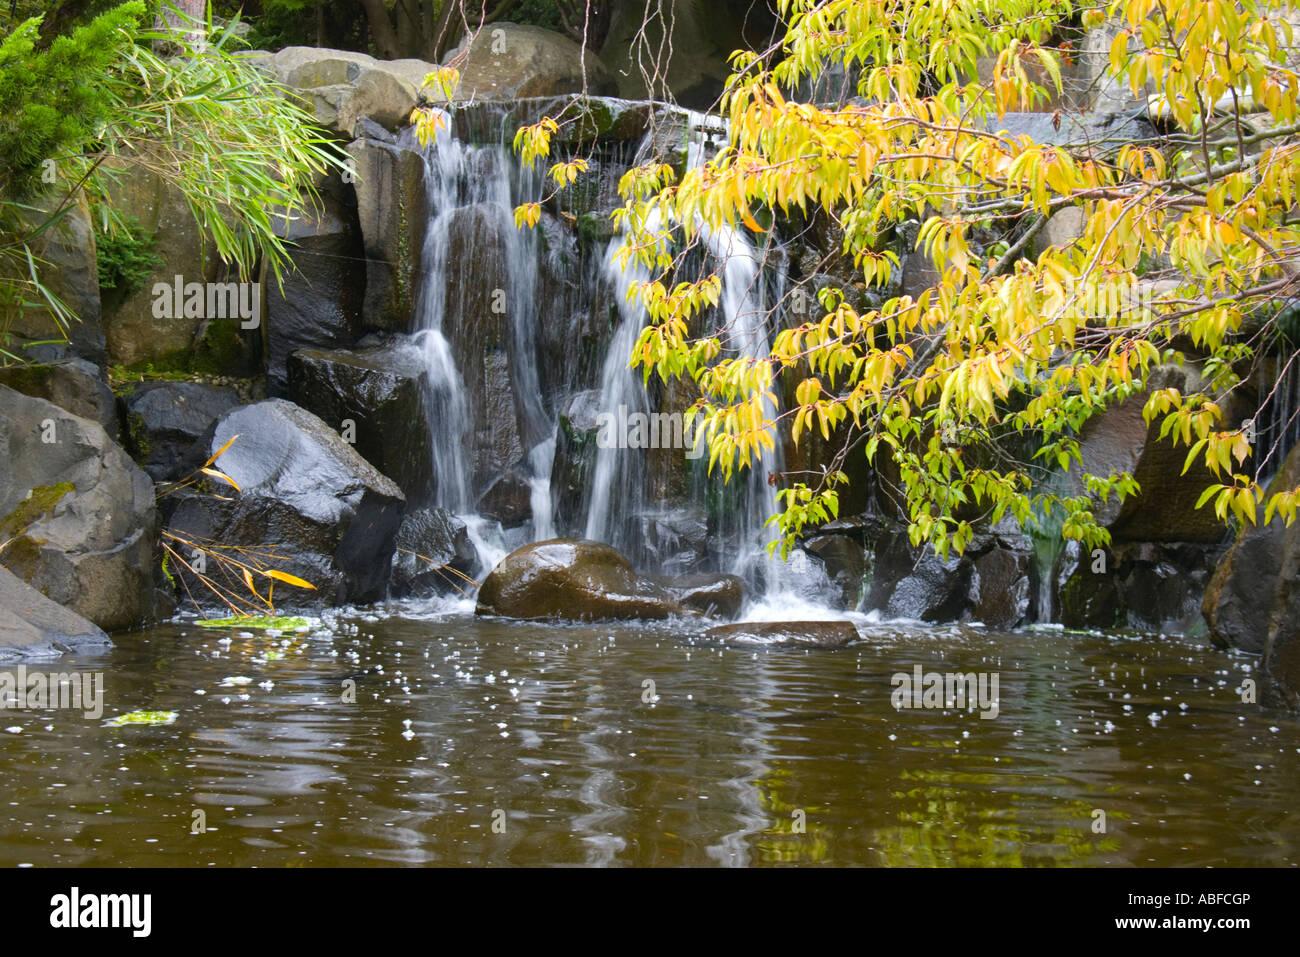 Kleiner Wasserfall im japanischen Garten Stockfoto, Bild: 12877509 ...